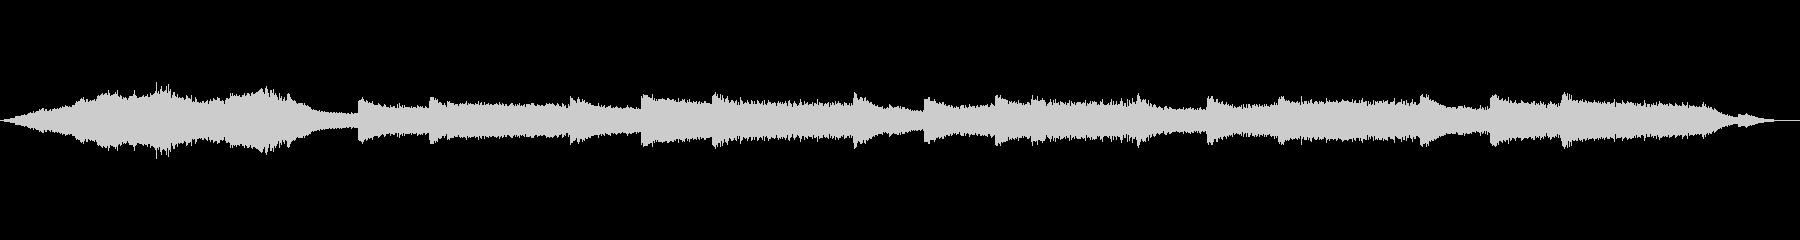 宇宙と交信するようなシンセの音響音楽の未再生の波形